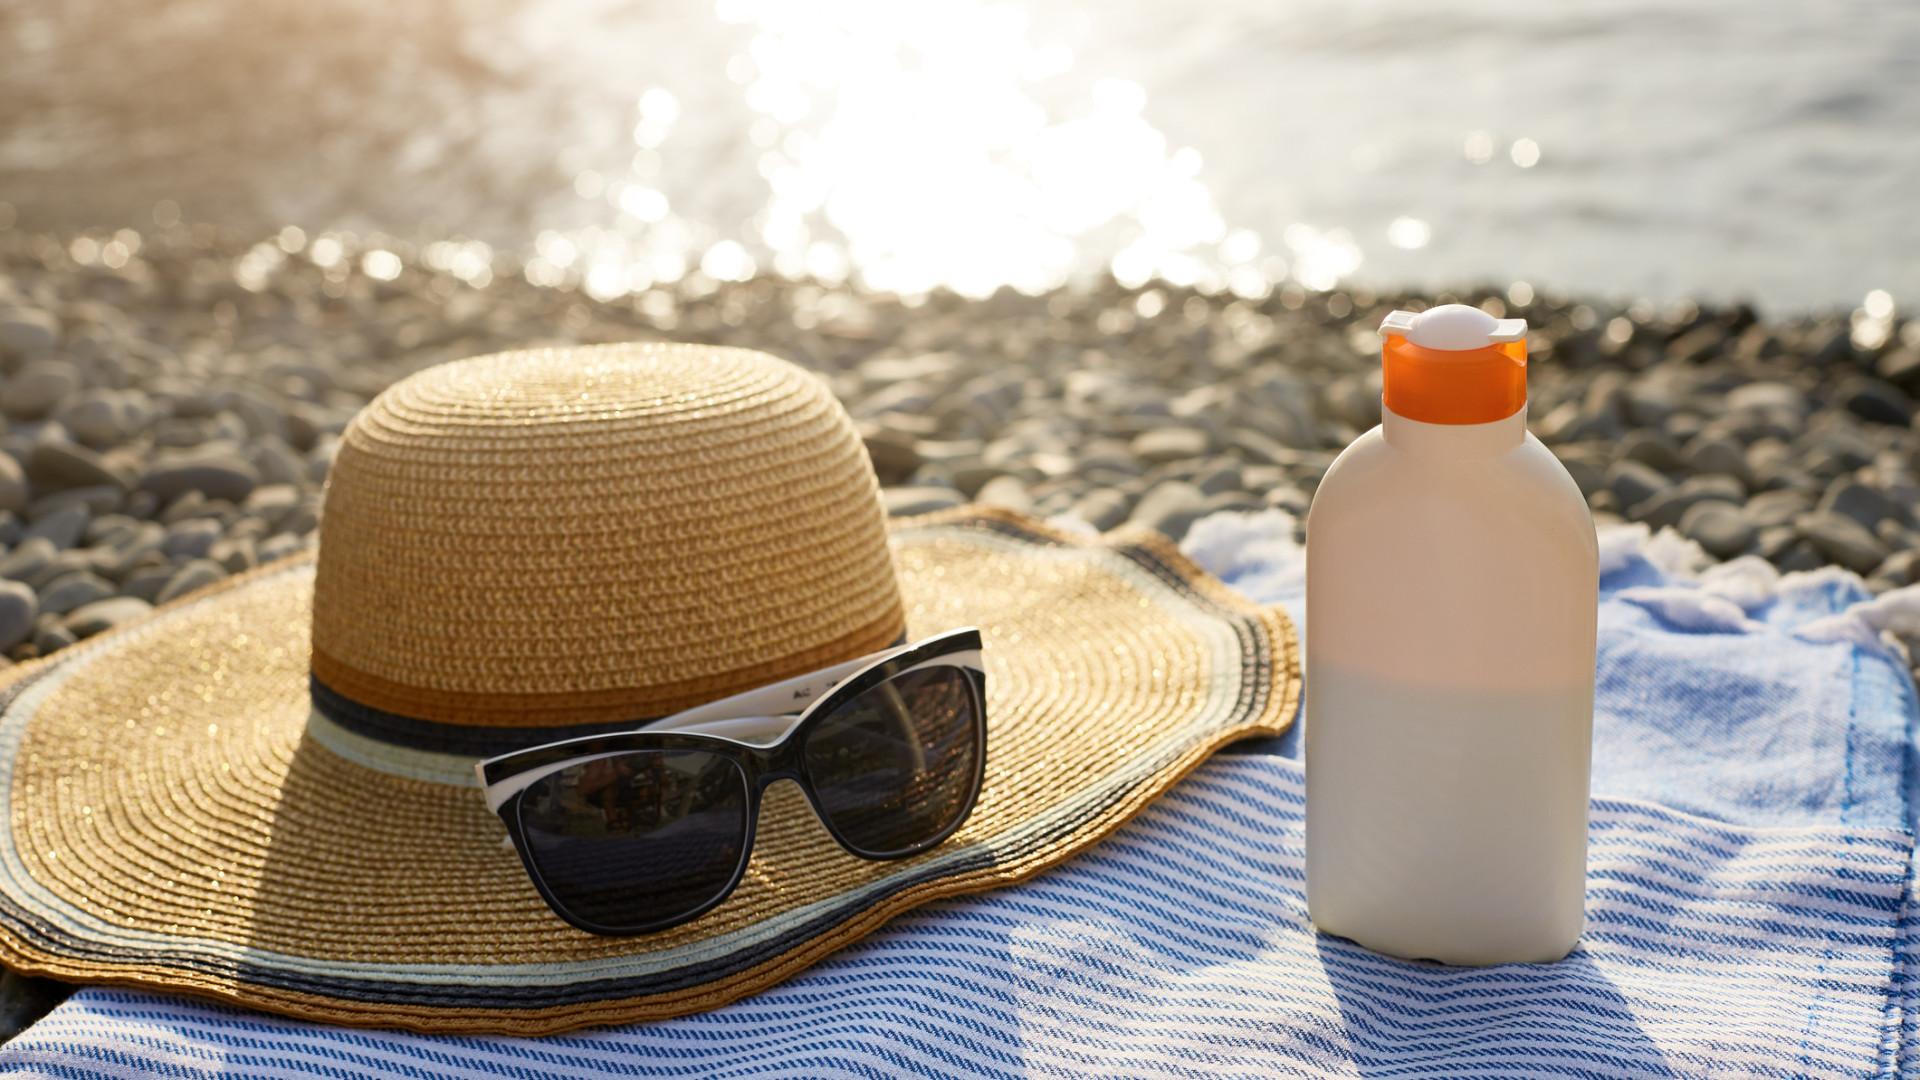 Ilha da Madeira, Beja e Faro em risco muito elevado de exposição aos UV